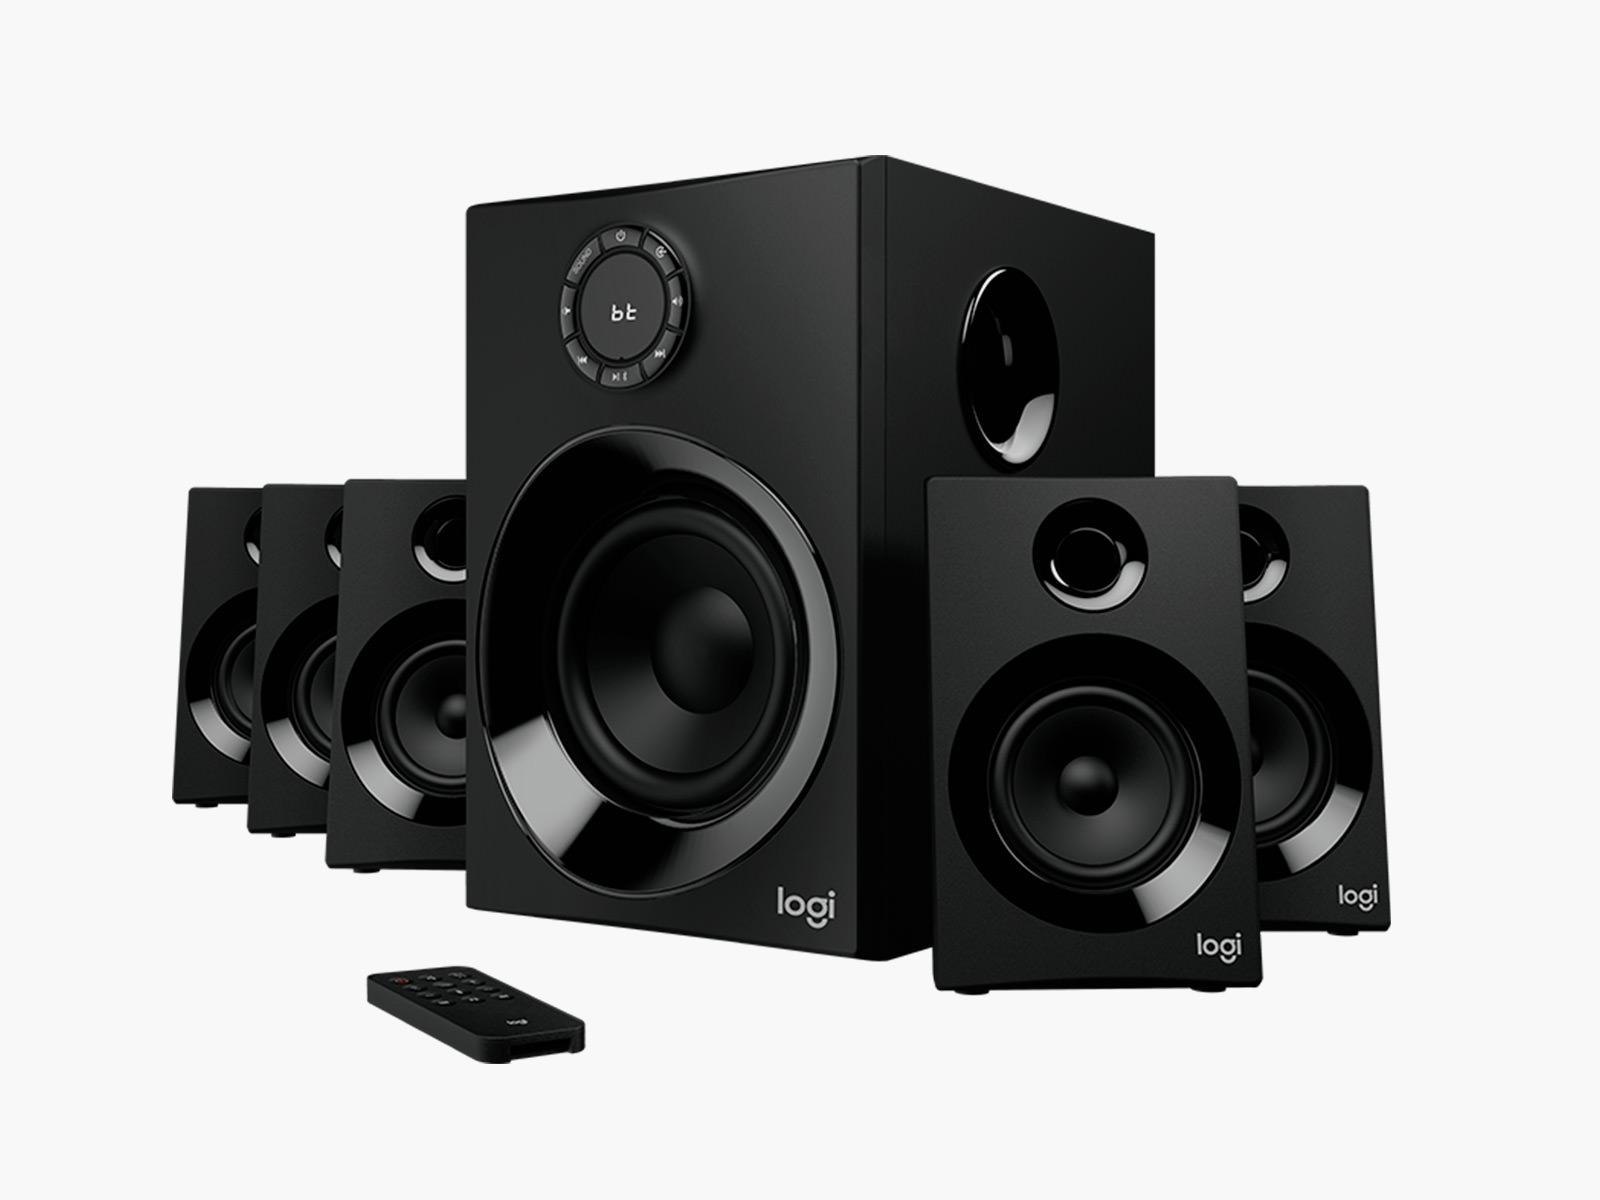 logitech z606 5 1 surround sound speaker system imboldn. Black Bedroom Furniture Sets. Home Design Ideas